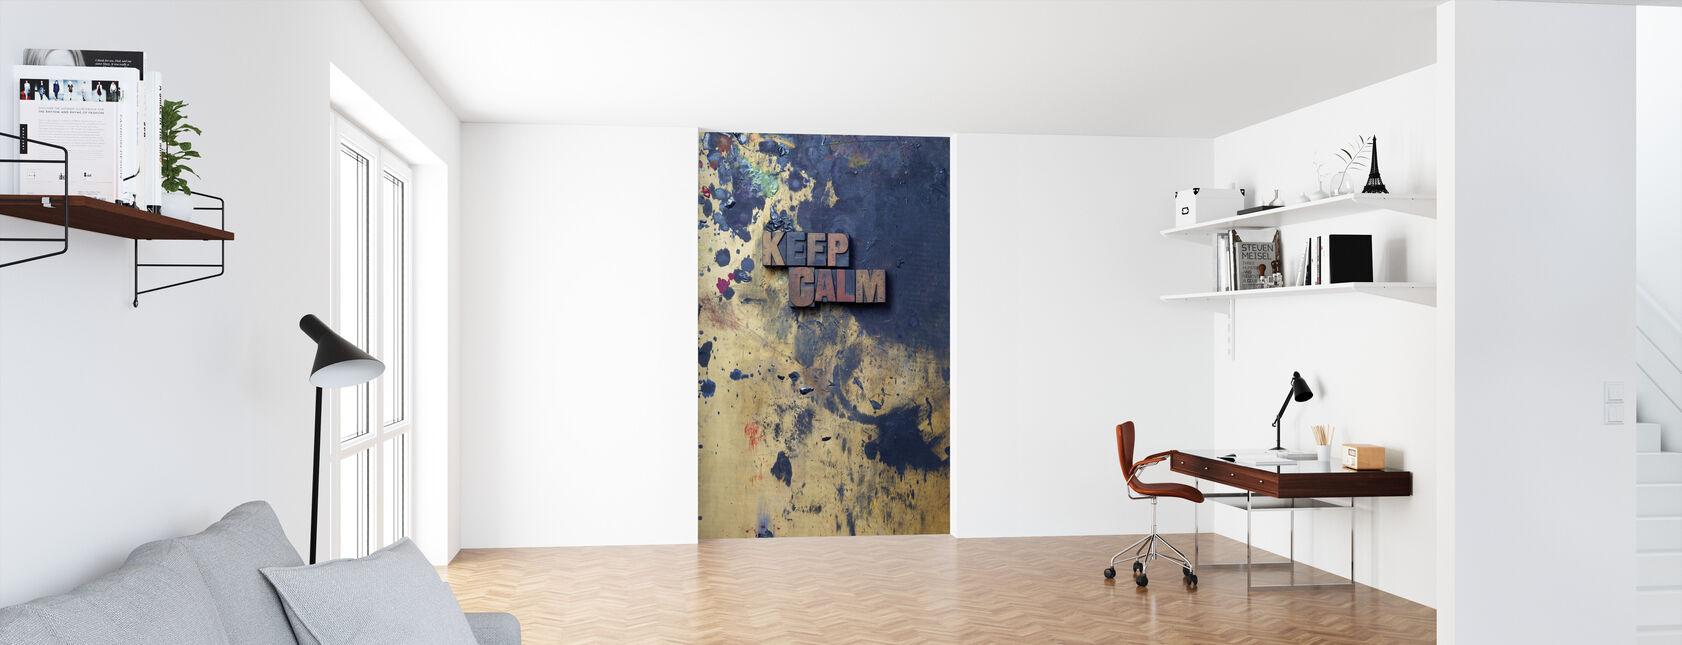 Kalm houden - Behang - Kantoor